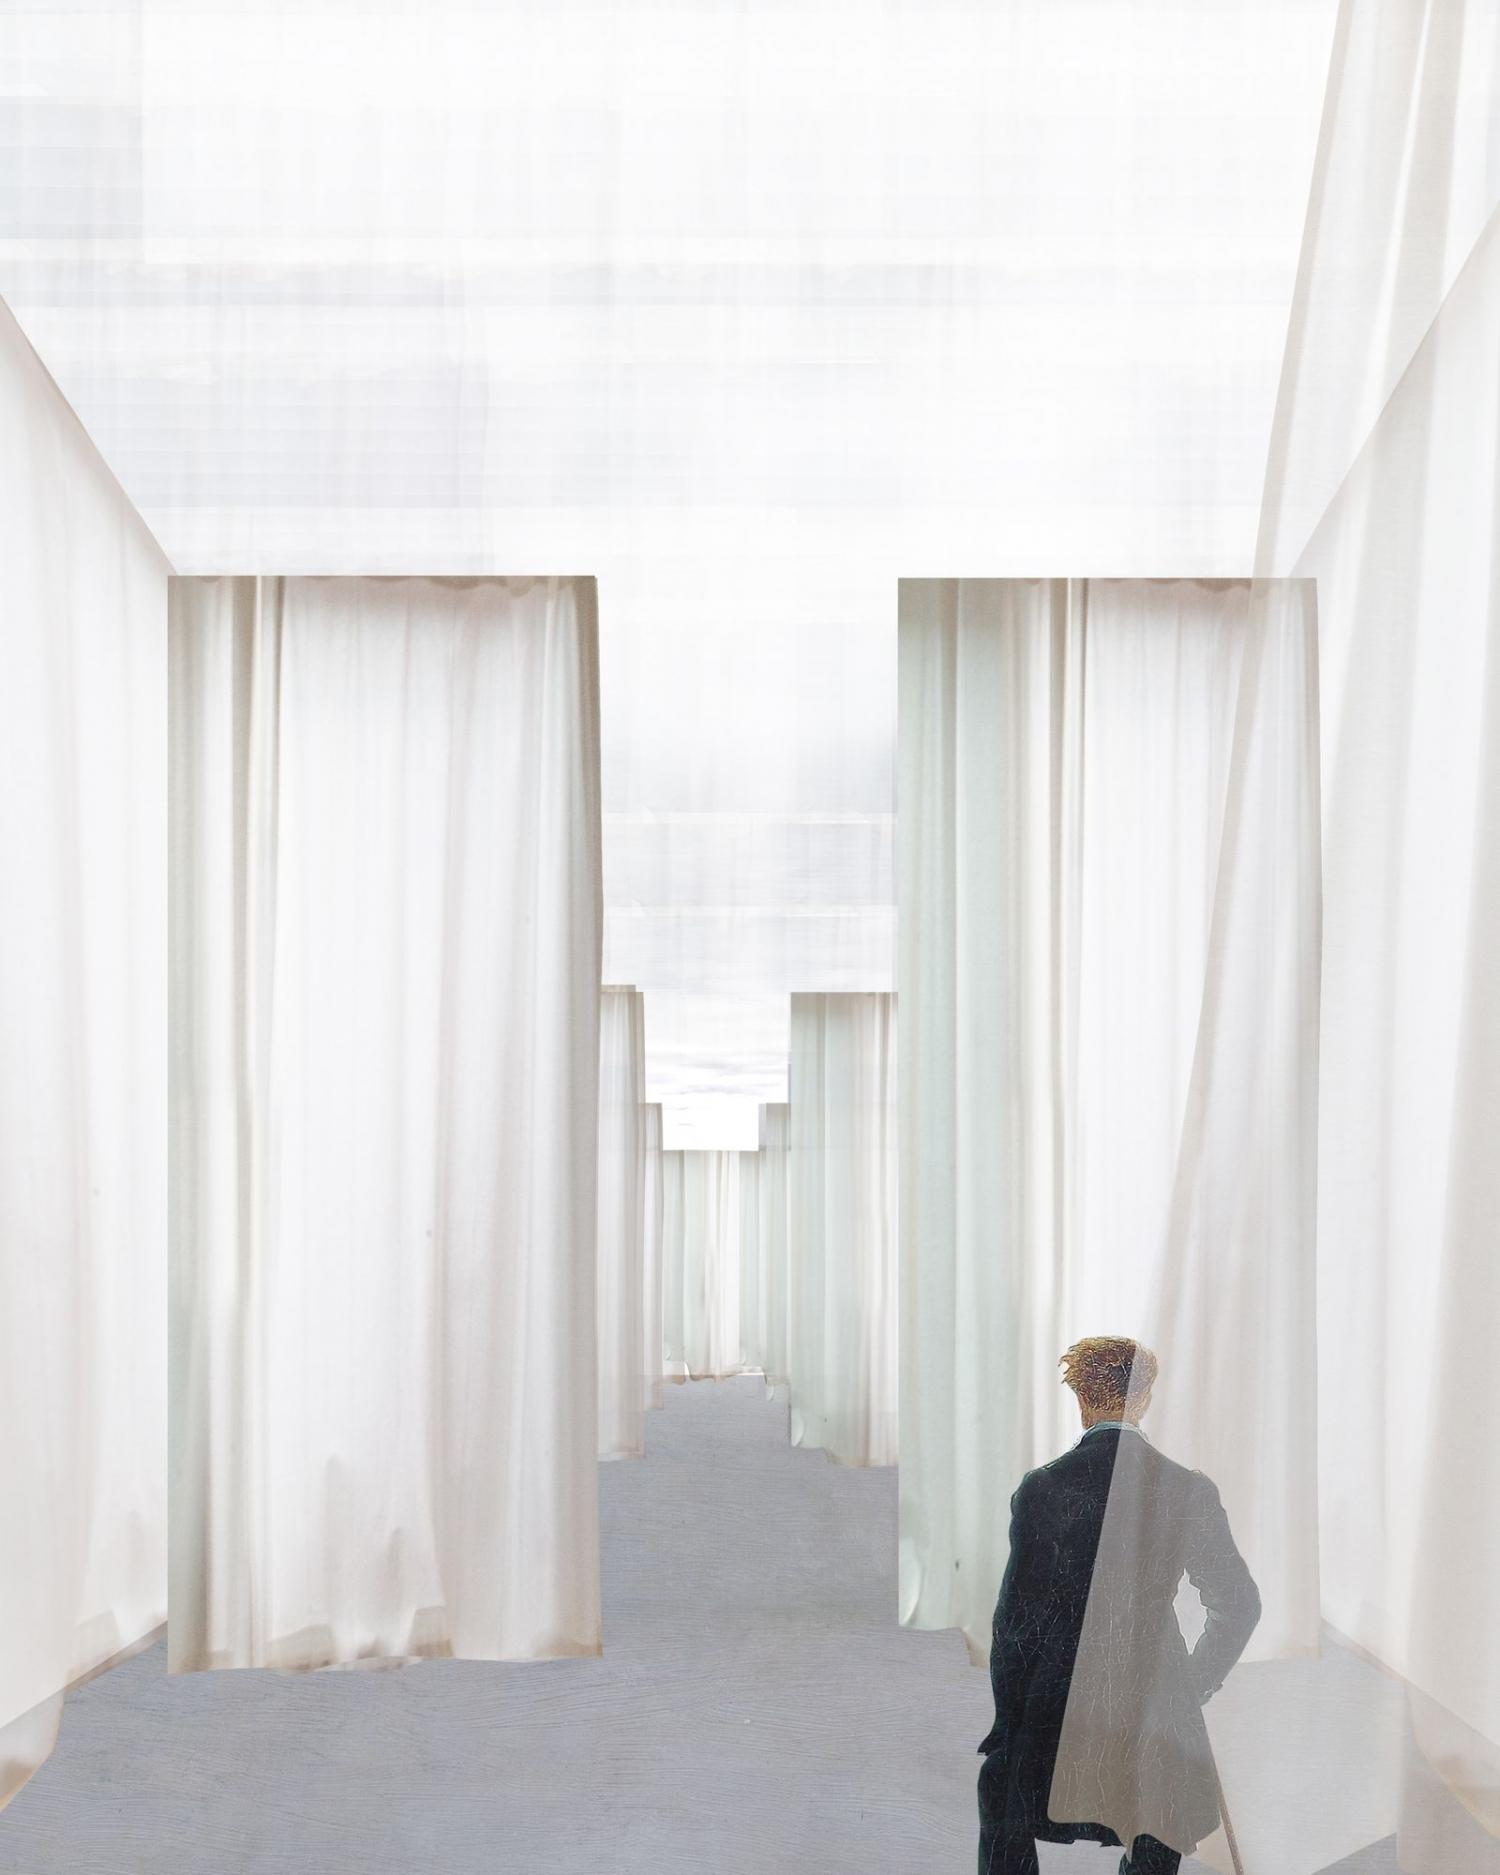 Sanden-Hodnekvam-.-Book-Fair-Norwegian-Pavilion-.-Frankfurt-2.jpg